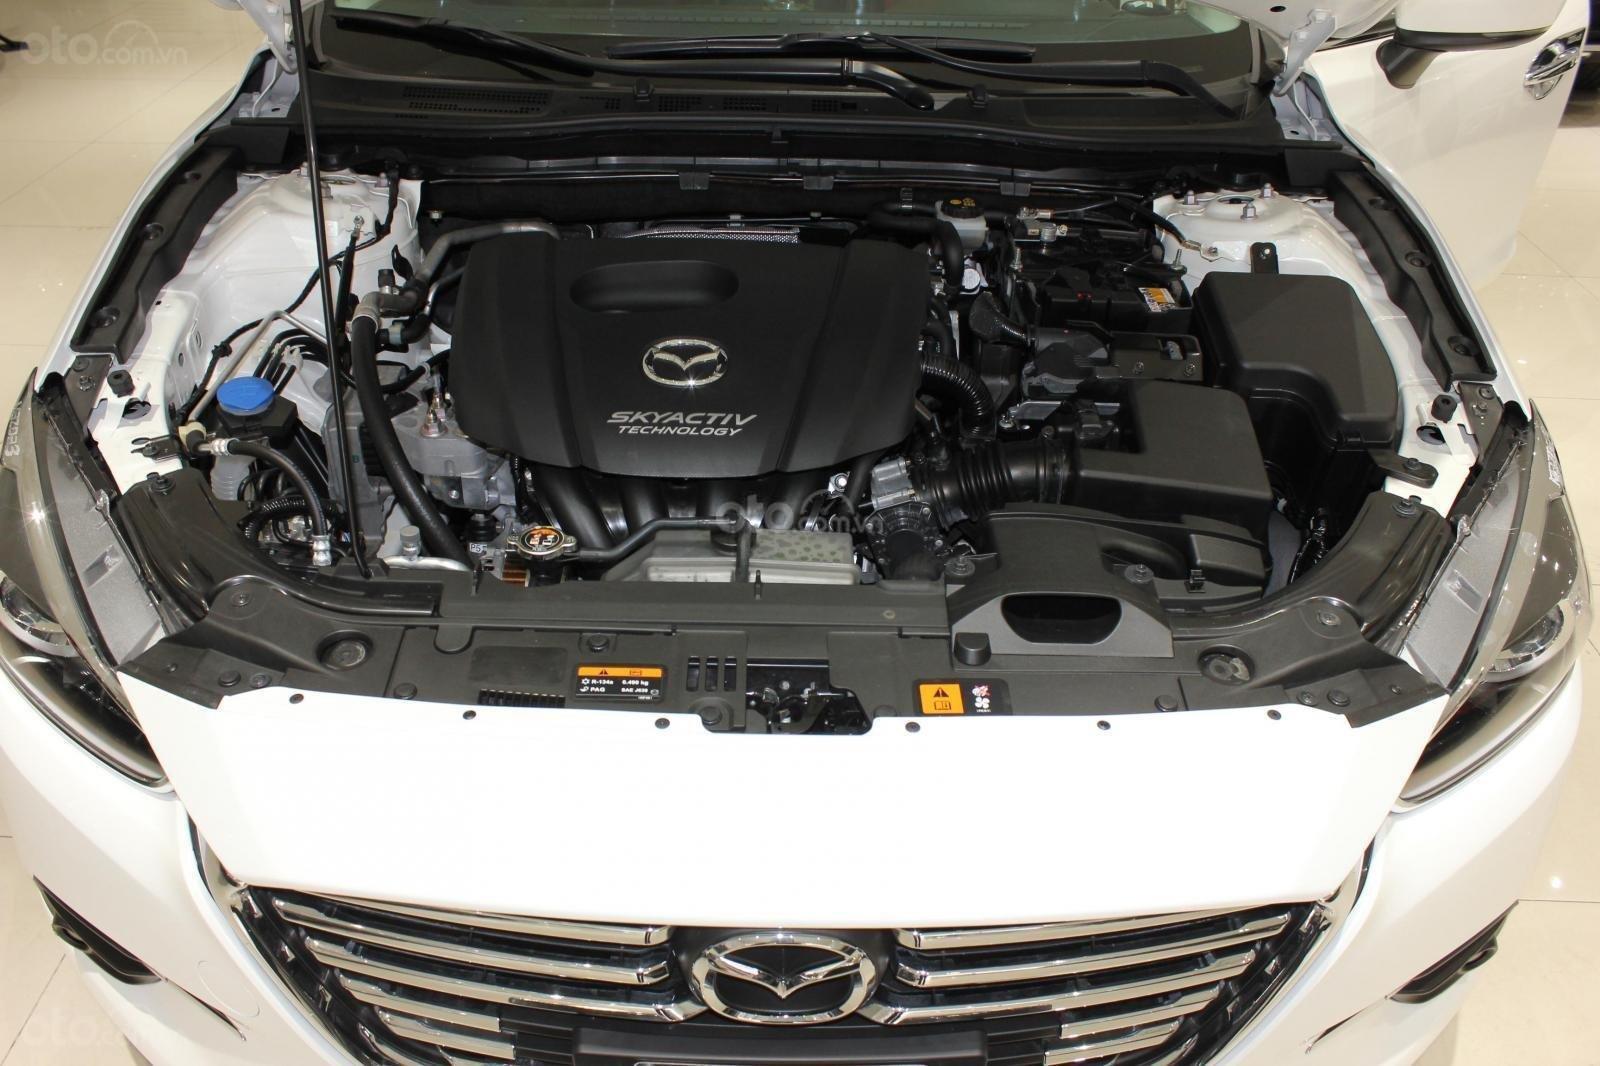 Chính chủ cần bán Mazda 3 2017 bản hatchback màu trắng, số tự động, full option (15)